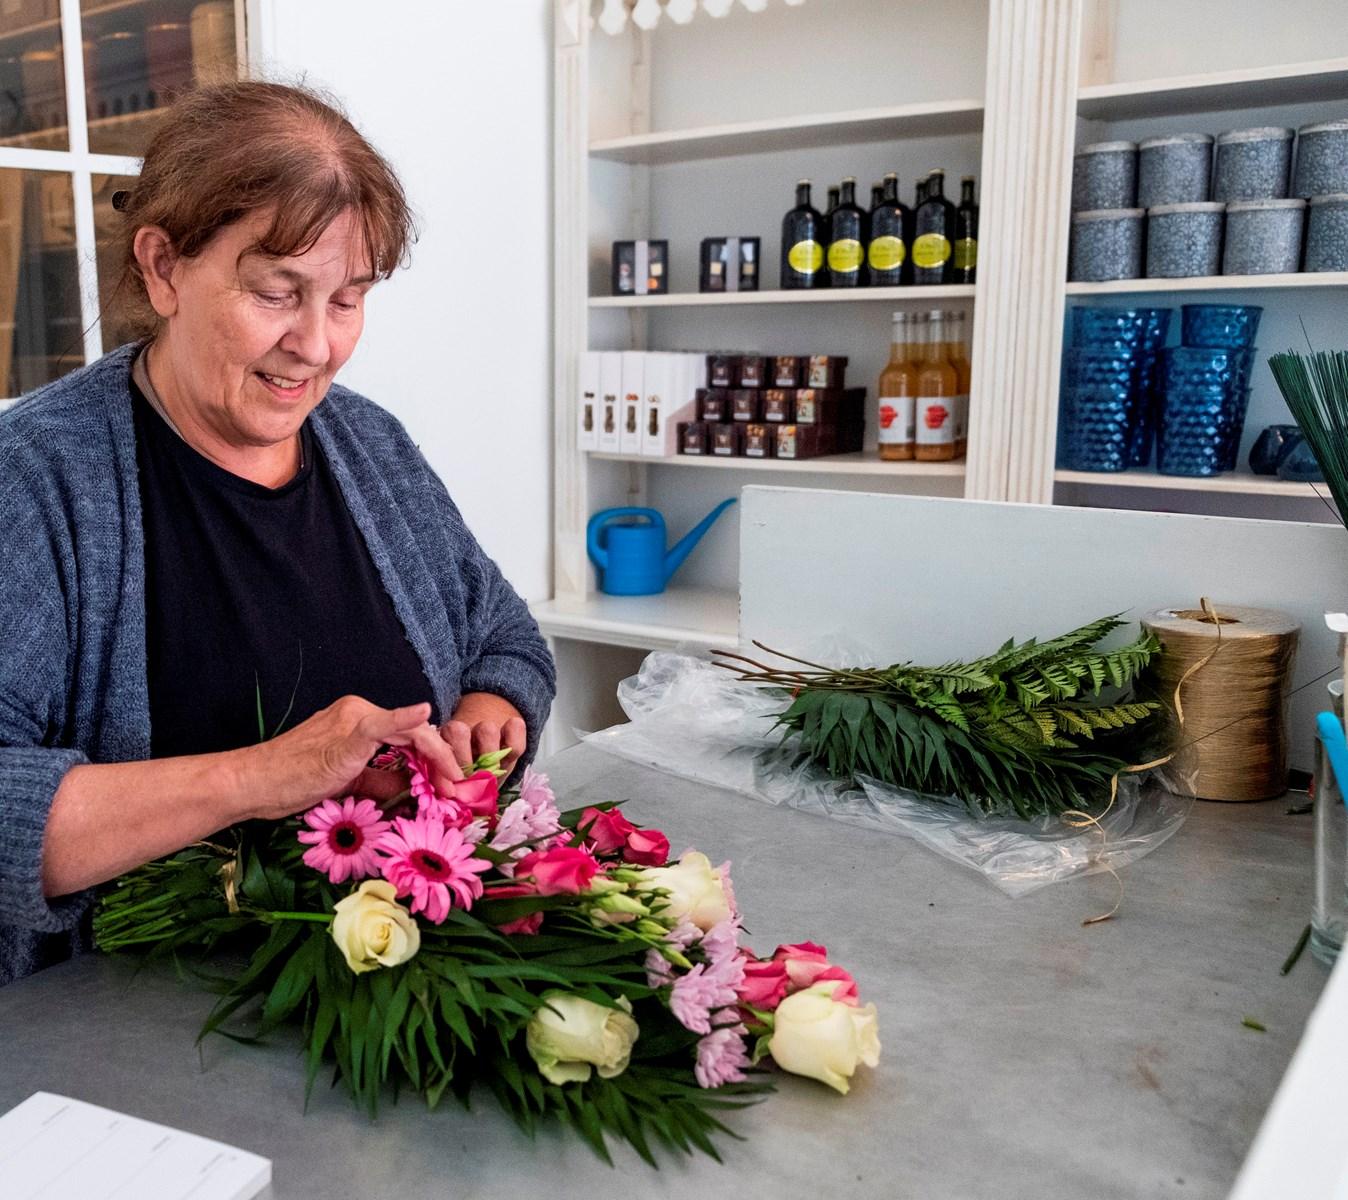 Efter voldsom brand: Blomsterhandler genåbner i midlertidig forretning